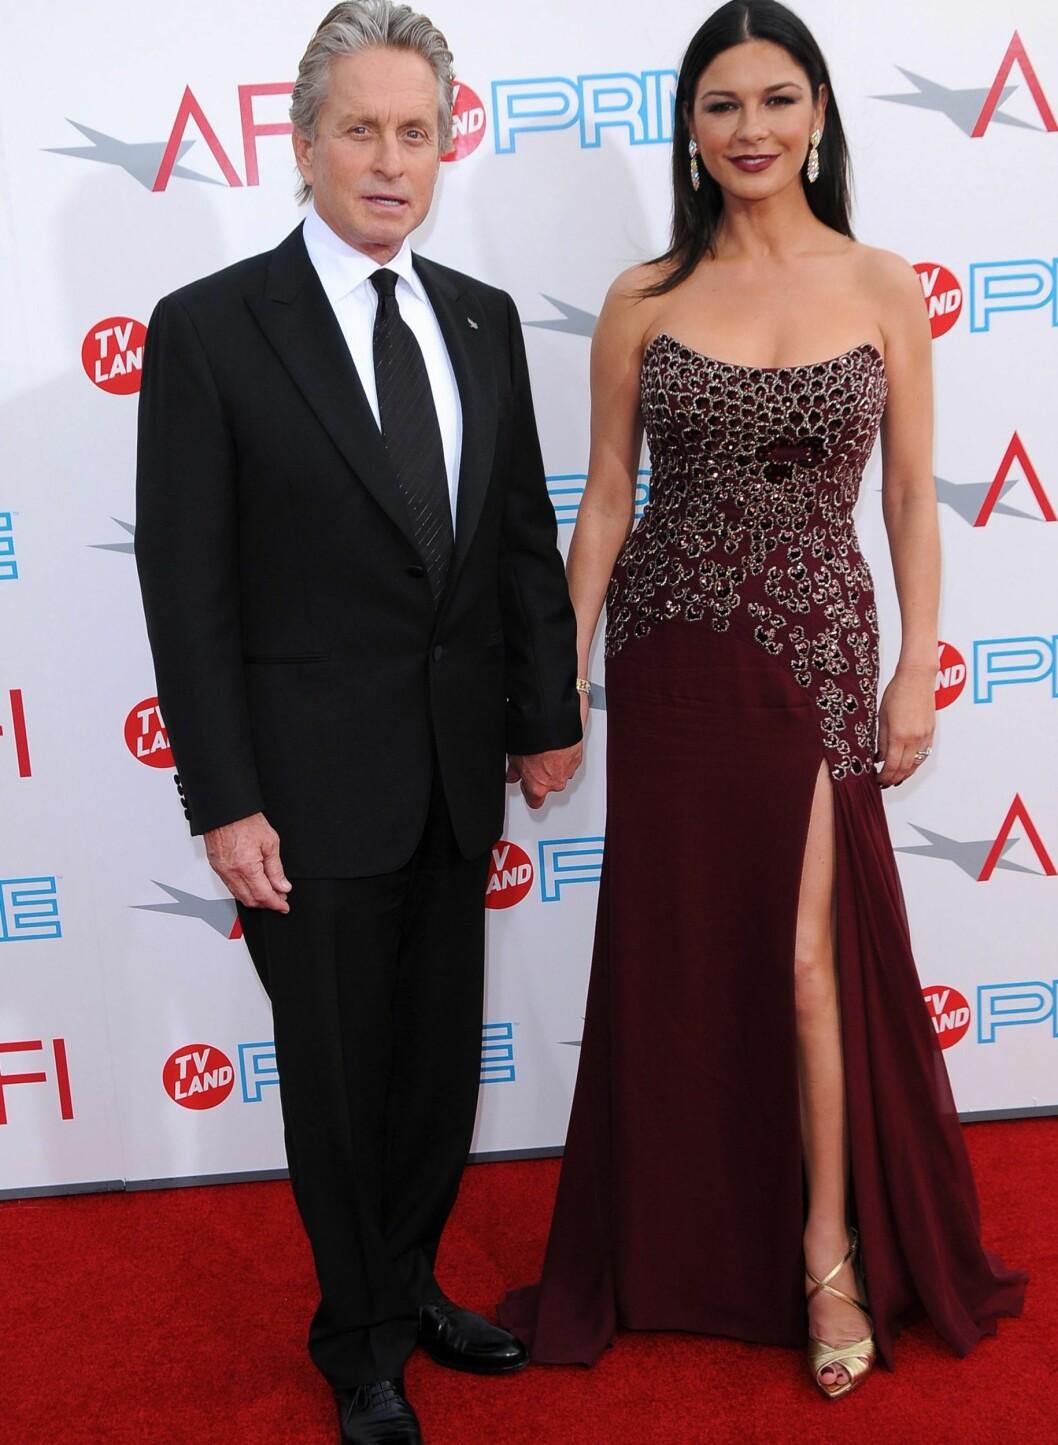 Bilde tatt i fjor på AFI Life Achievement Award Honoring Michael Douglas (ektemannen, t.v.). Zeta-Jones i nydelig stroppeløs kjole med sølvdekorert overdel og høy splitt. Foto: All Over Press